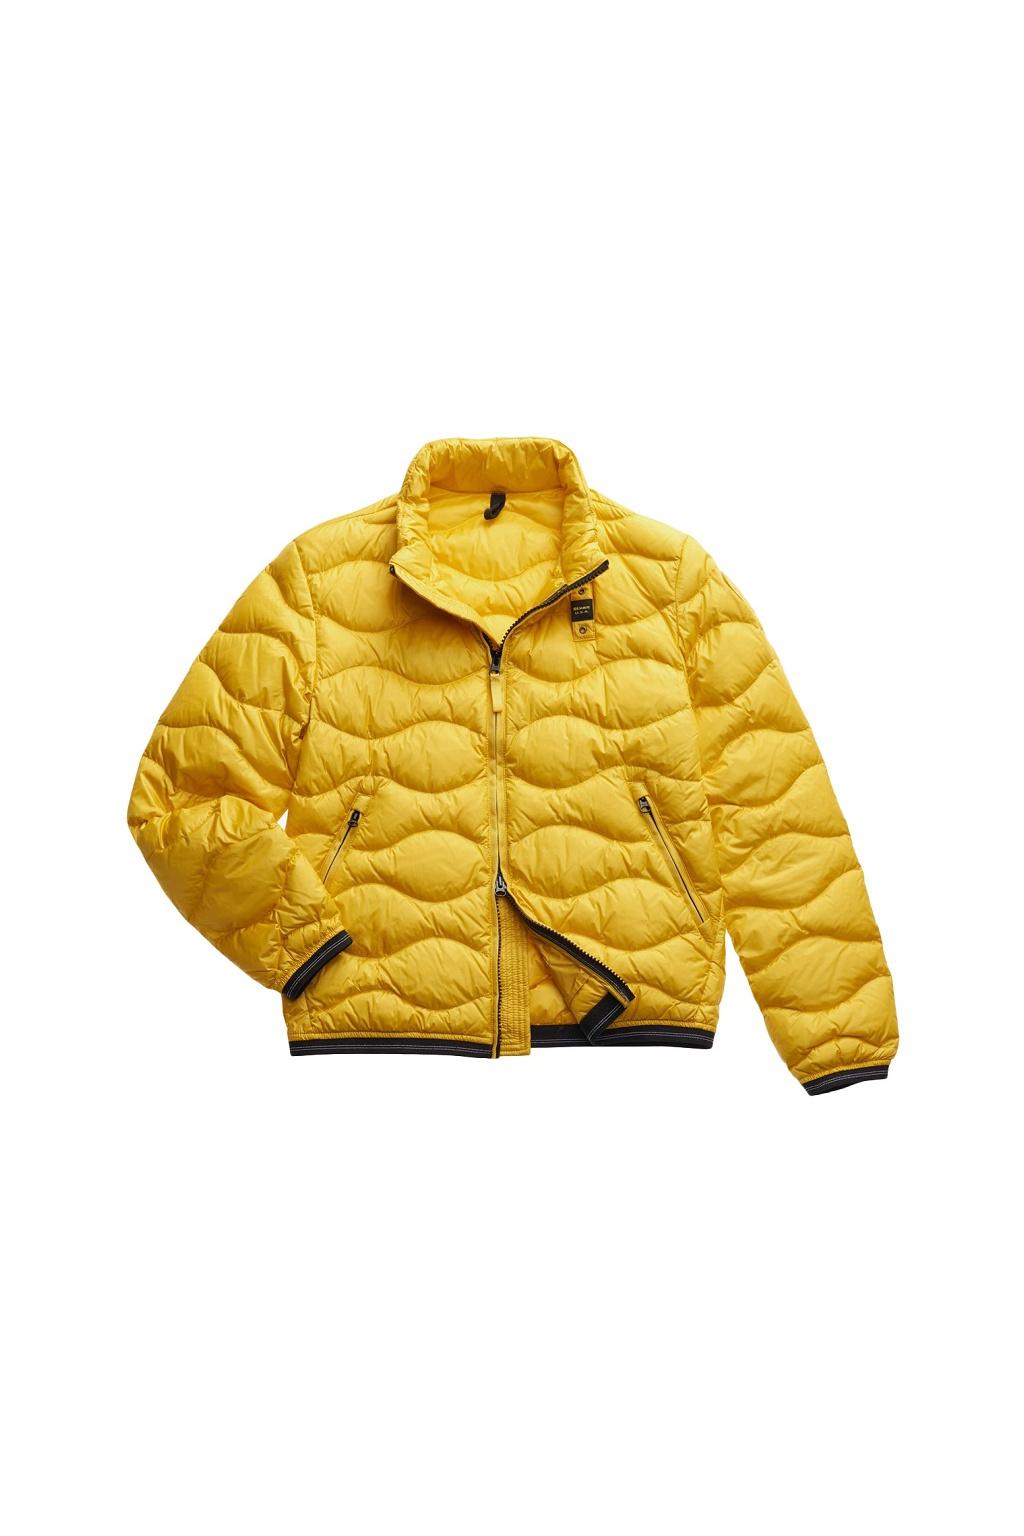 20SBLUC03033 Pánská bunda Blauer péřová žlutá